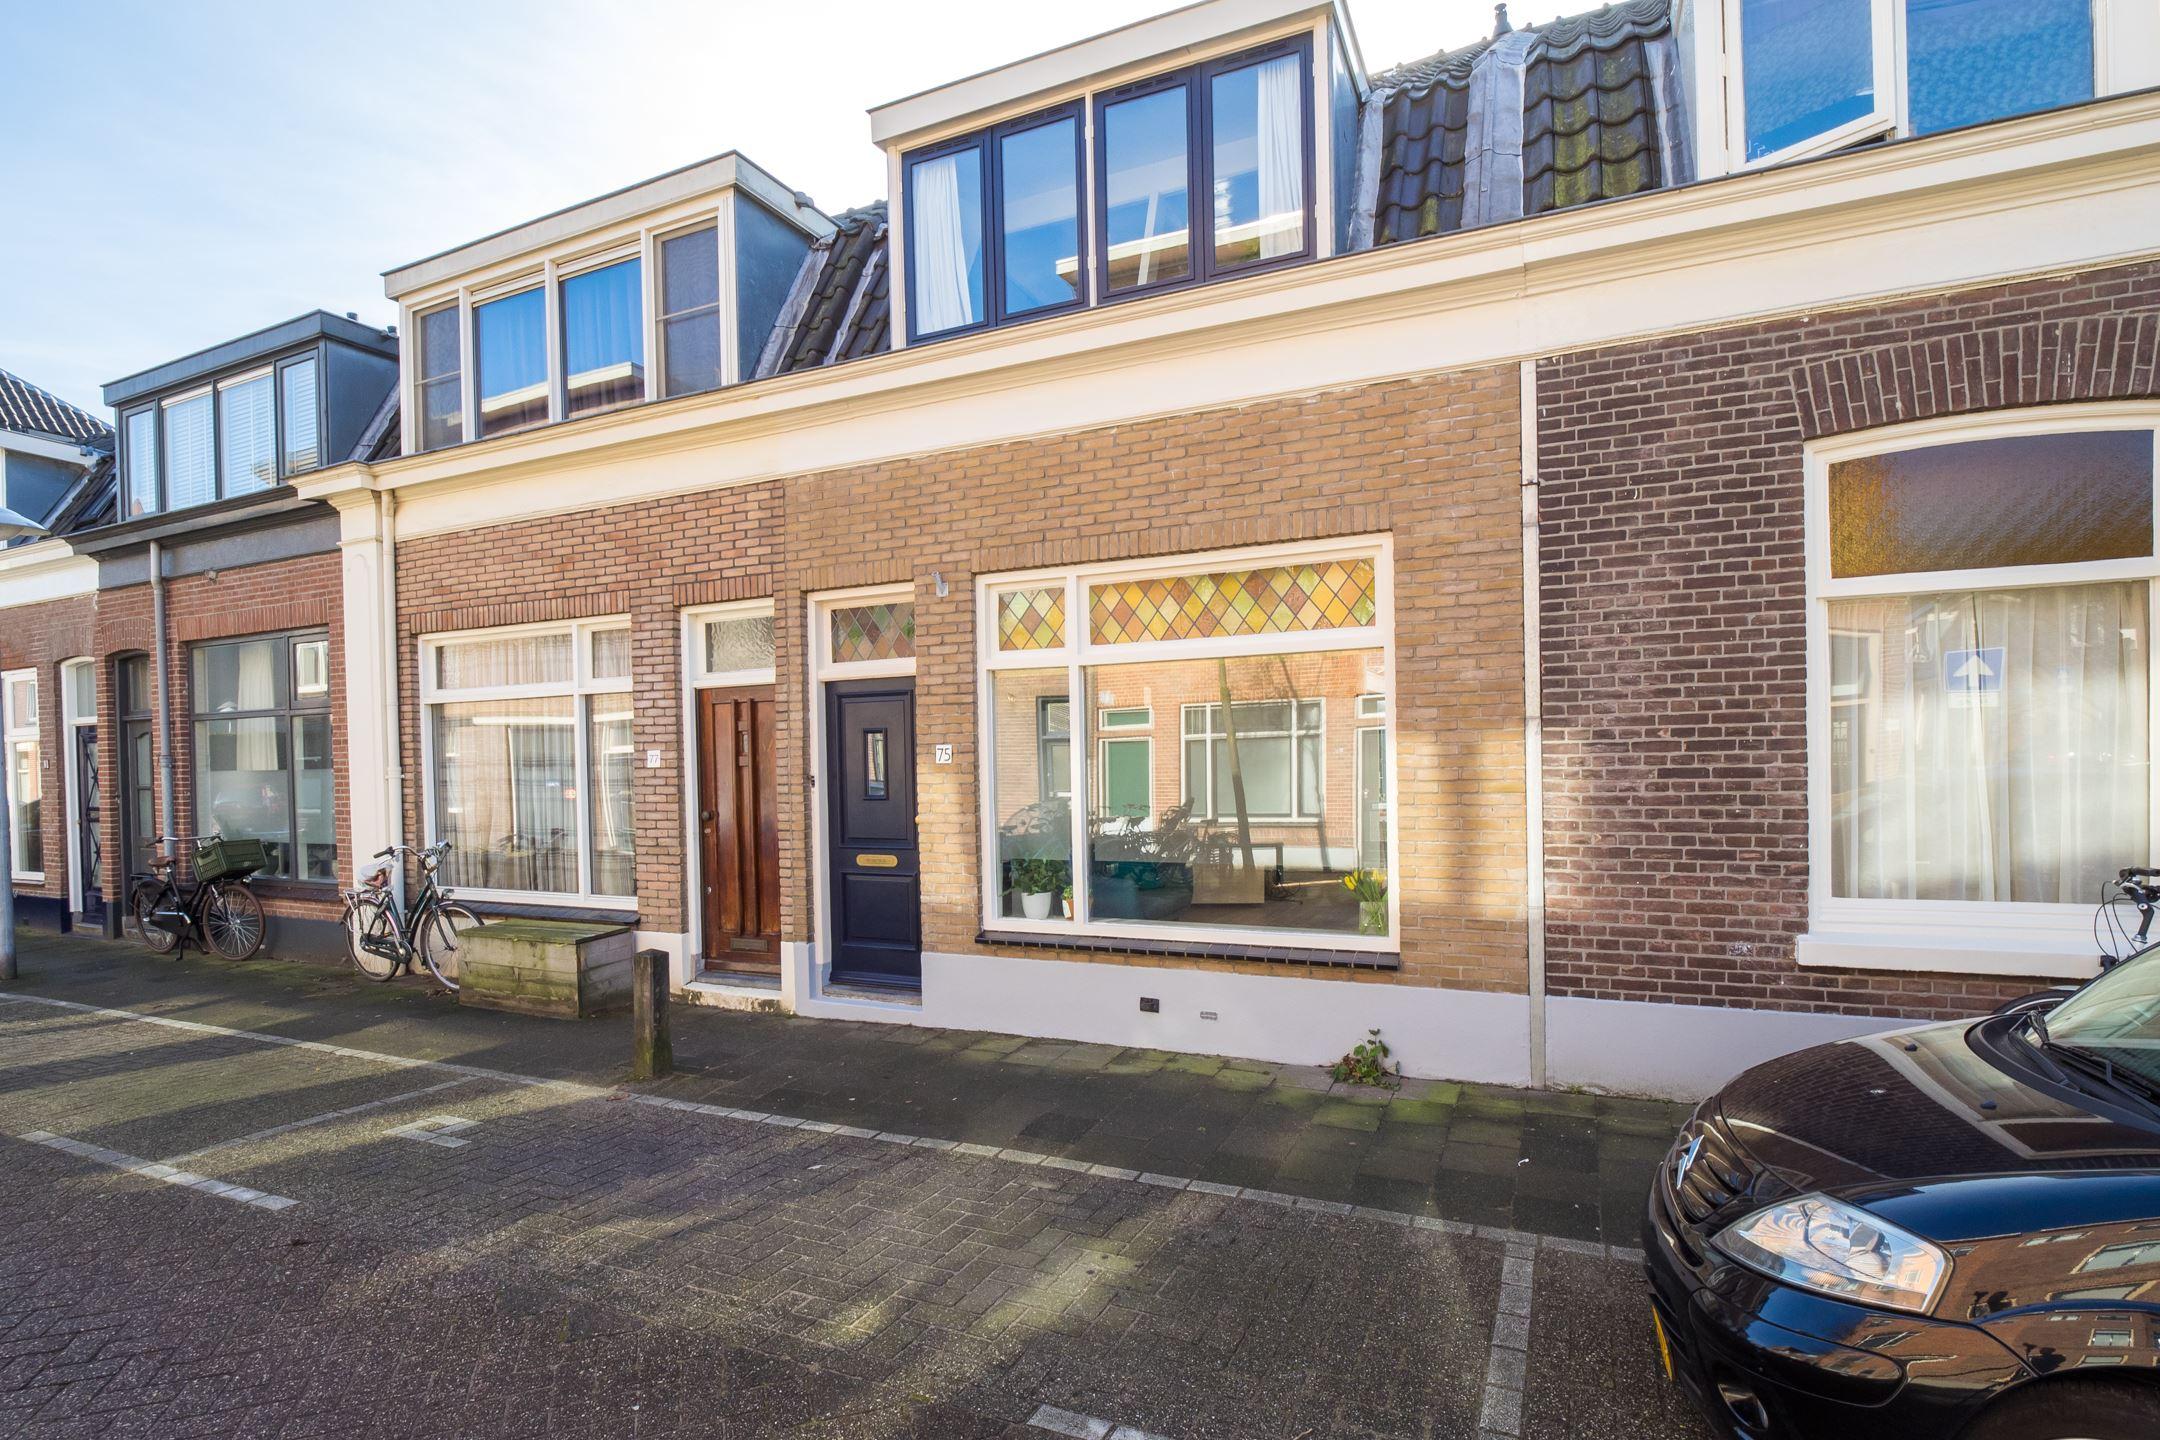 Verkocht oudwijkerveldstraat 75 3581 jj utrecht funda for Funda utrecht